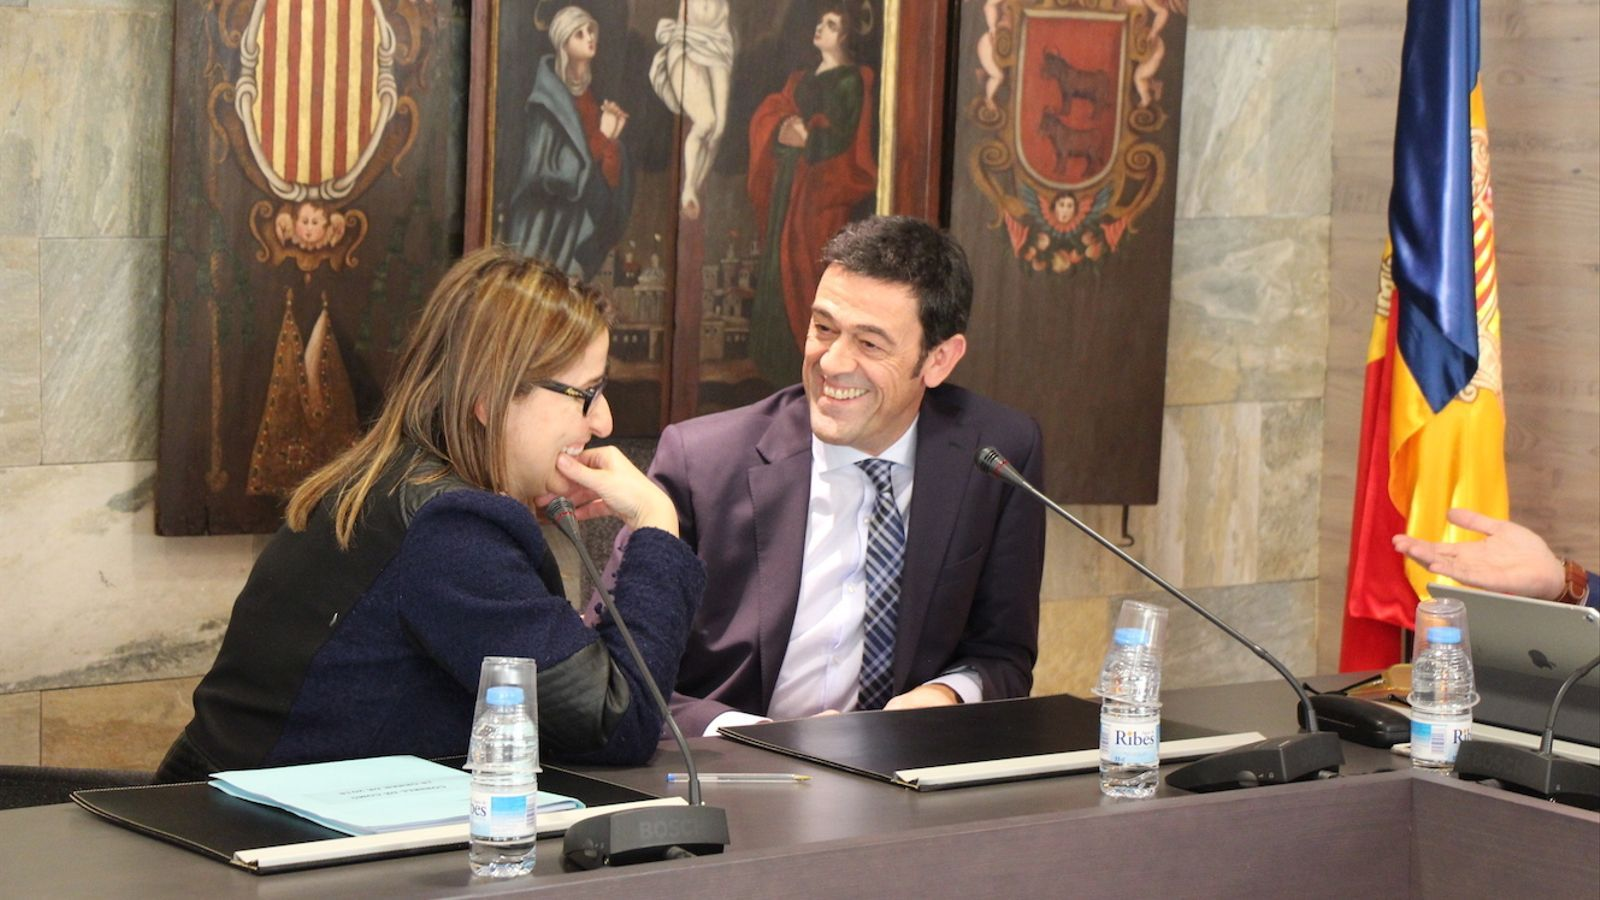 La consellera Sandra Tudó i el cònsol Josep Àngel Mortés conversen durant el consell de Comú. / C.G. (ANA)